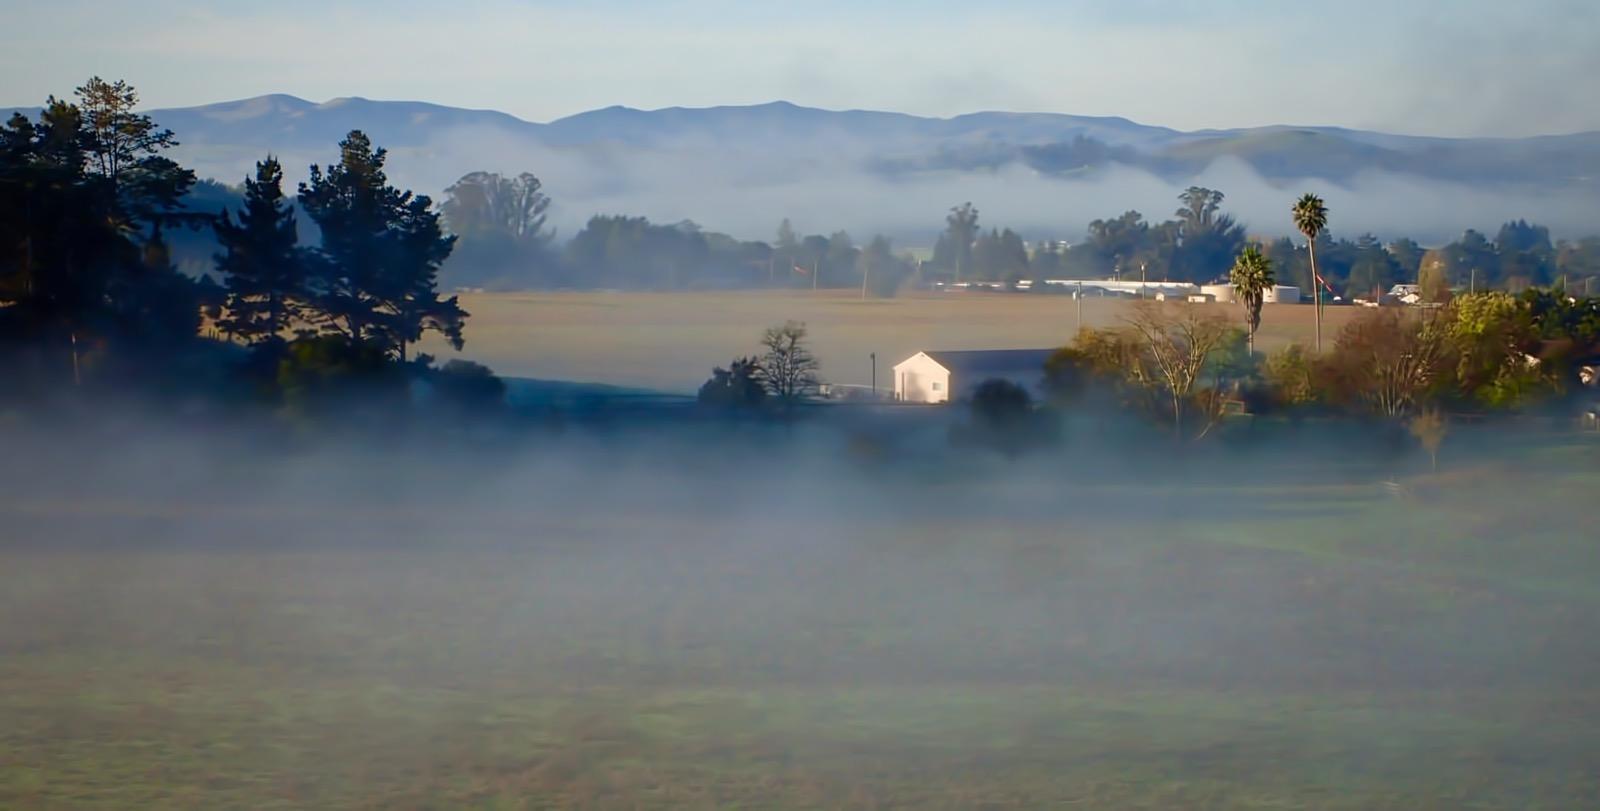 http://thedigitalstory.com/2016/11/06/crane-creek-fog.jpg